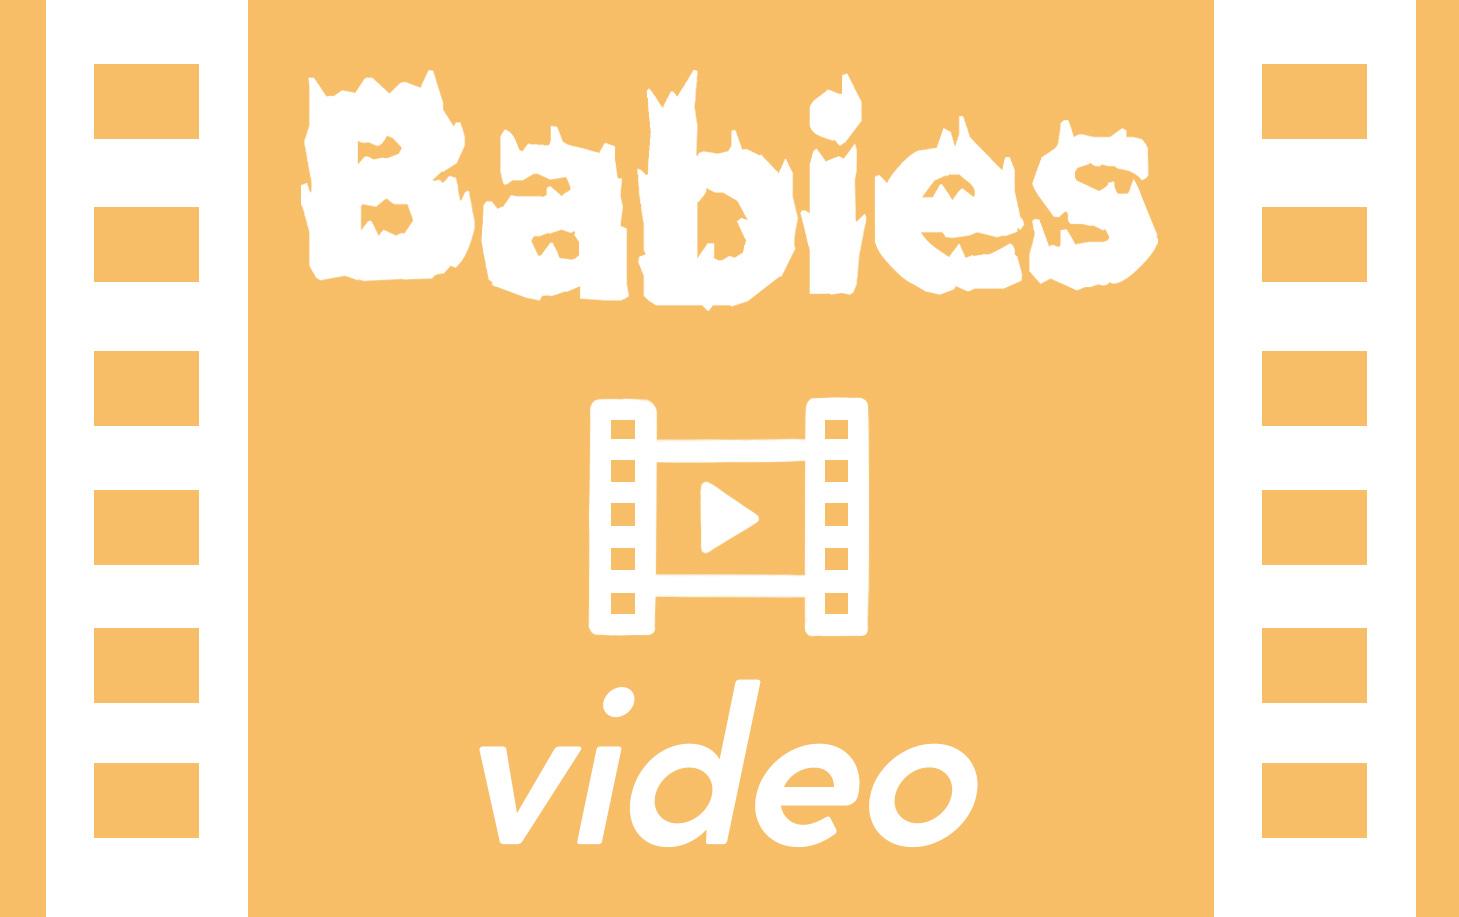 VIDEO BABIES taronja